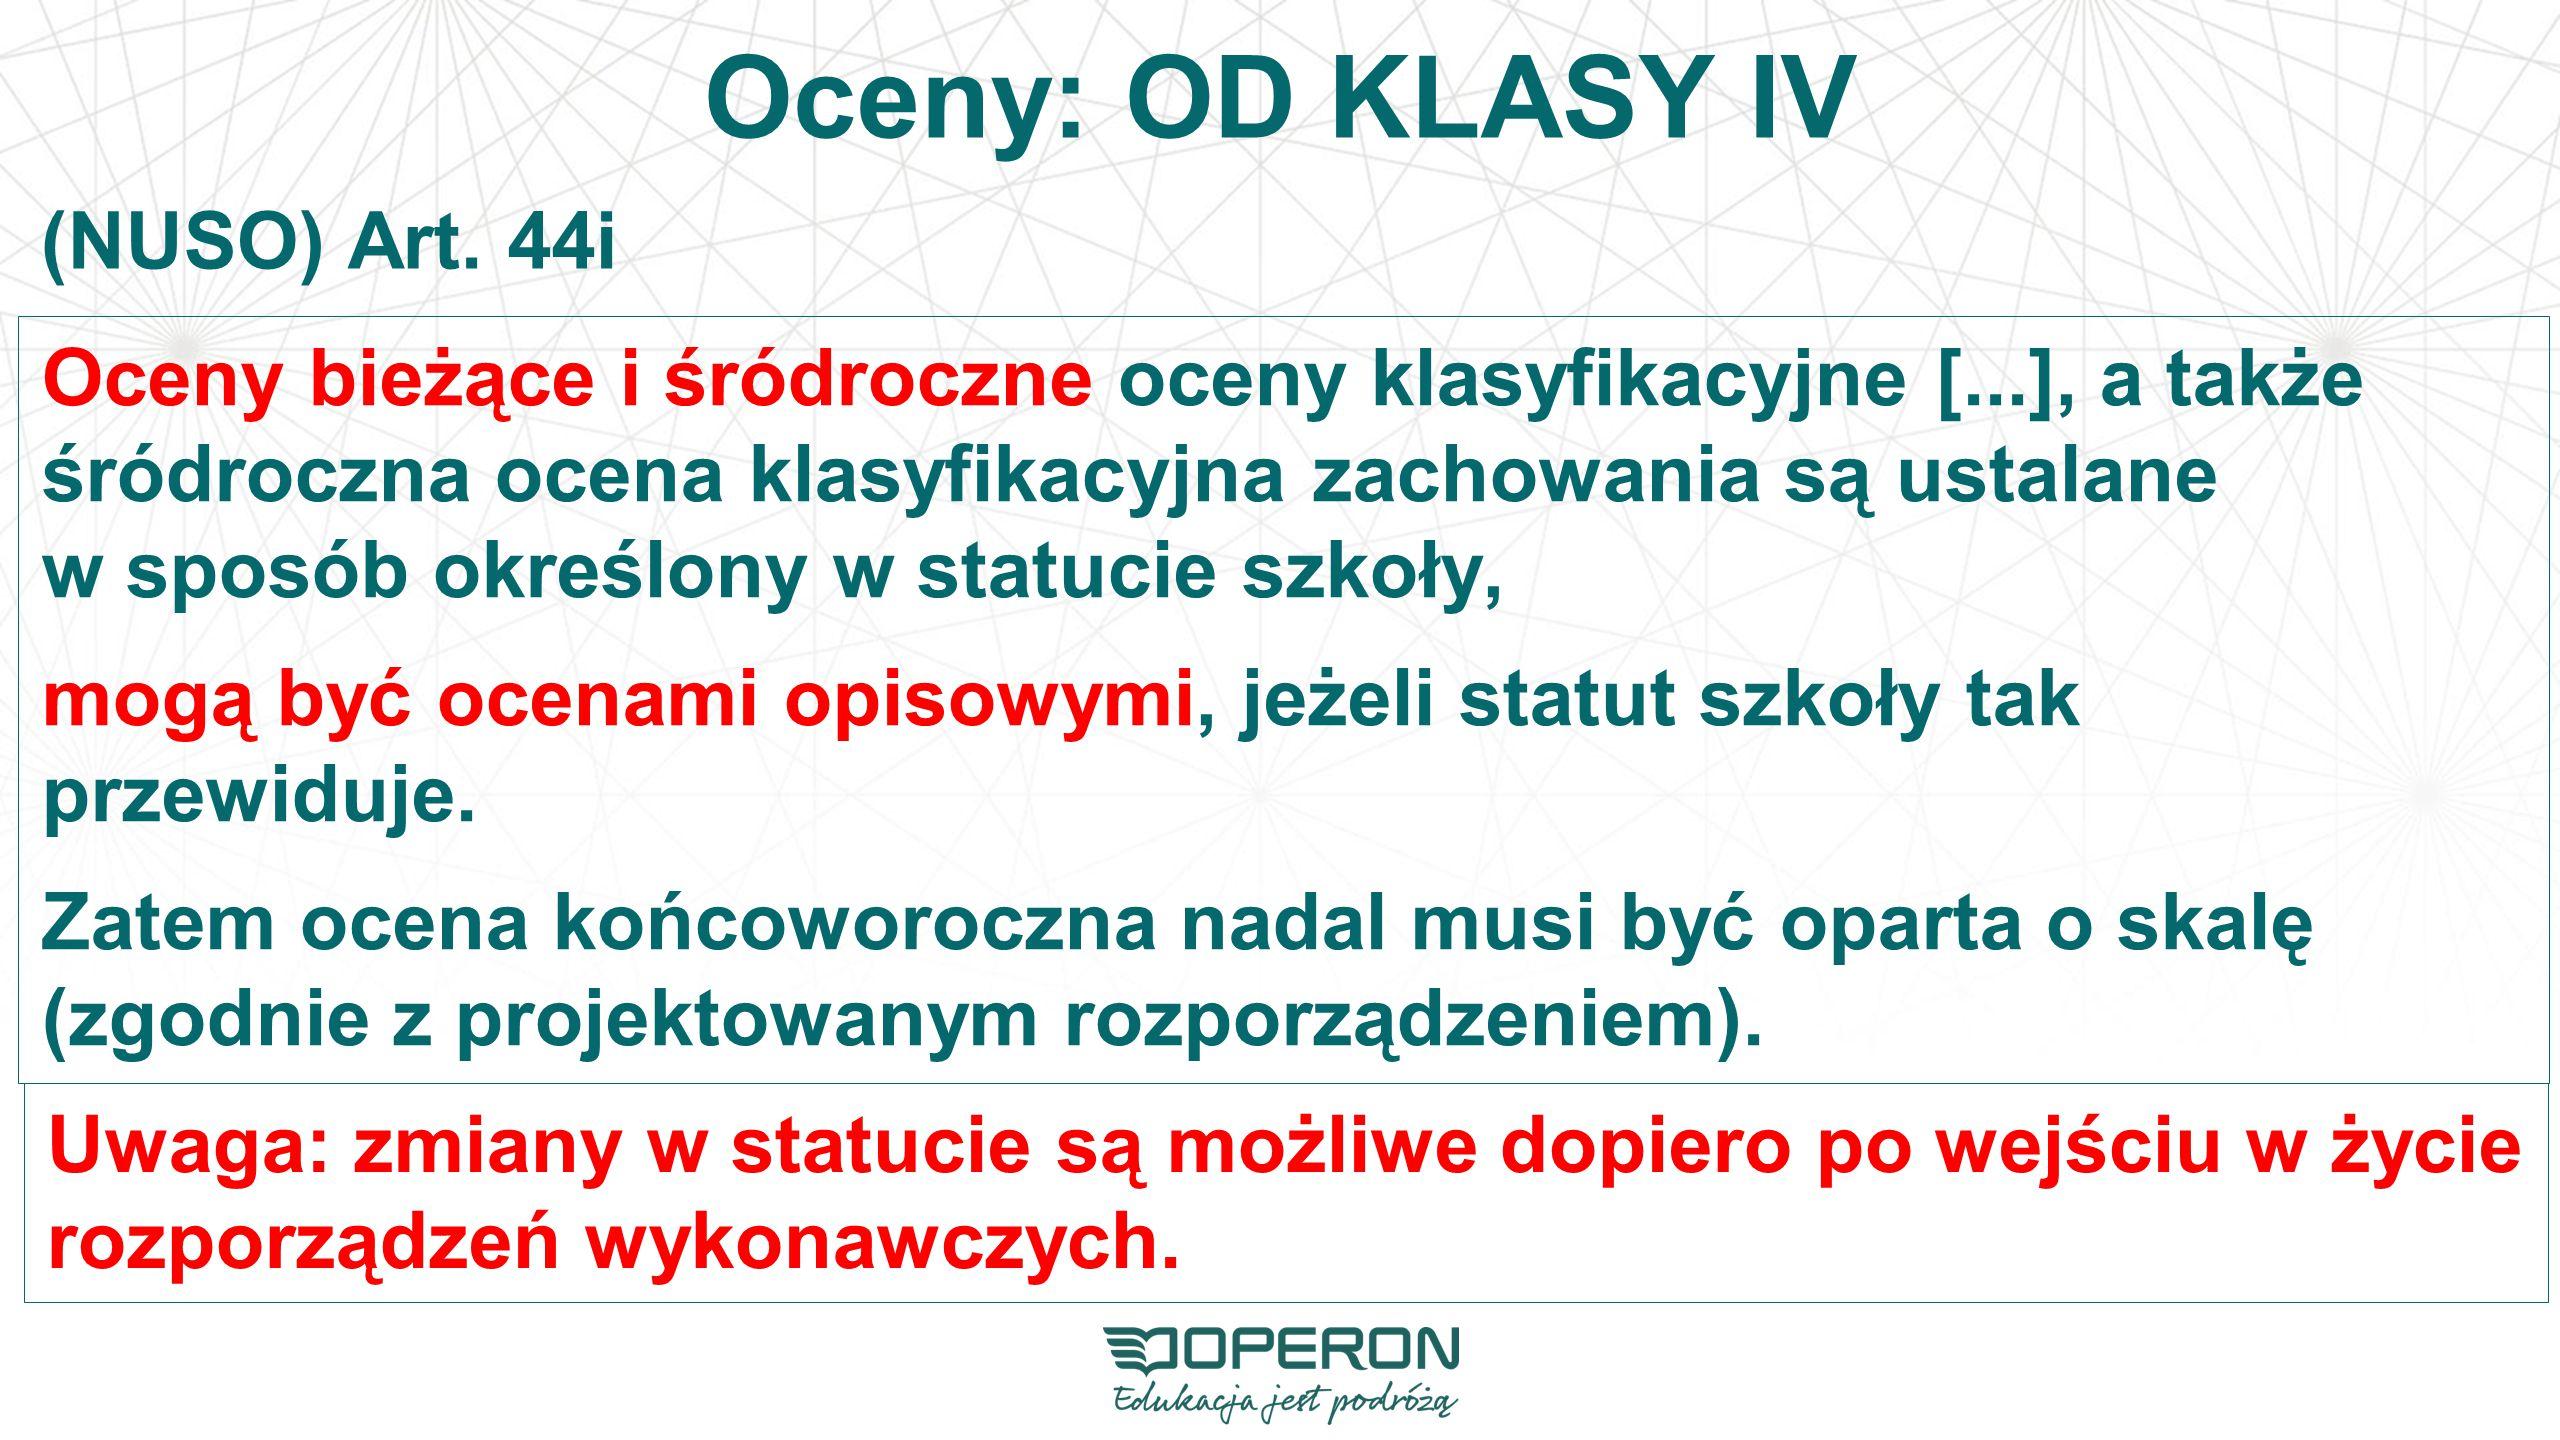 Oceny: OD KLASY IV (NUSO) Art. 44i